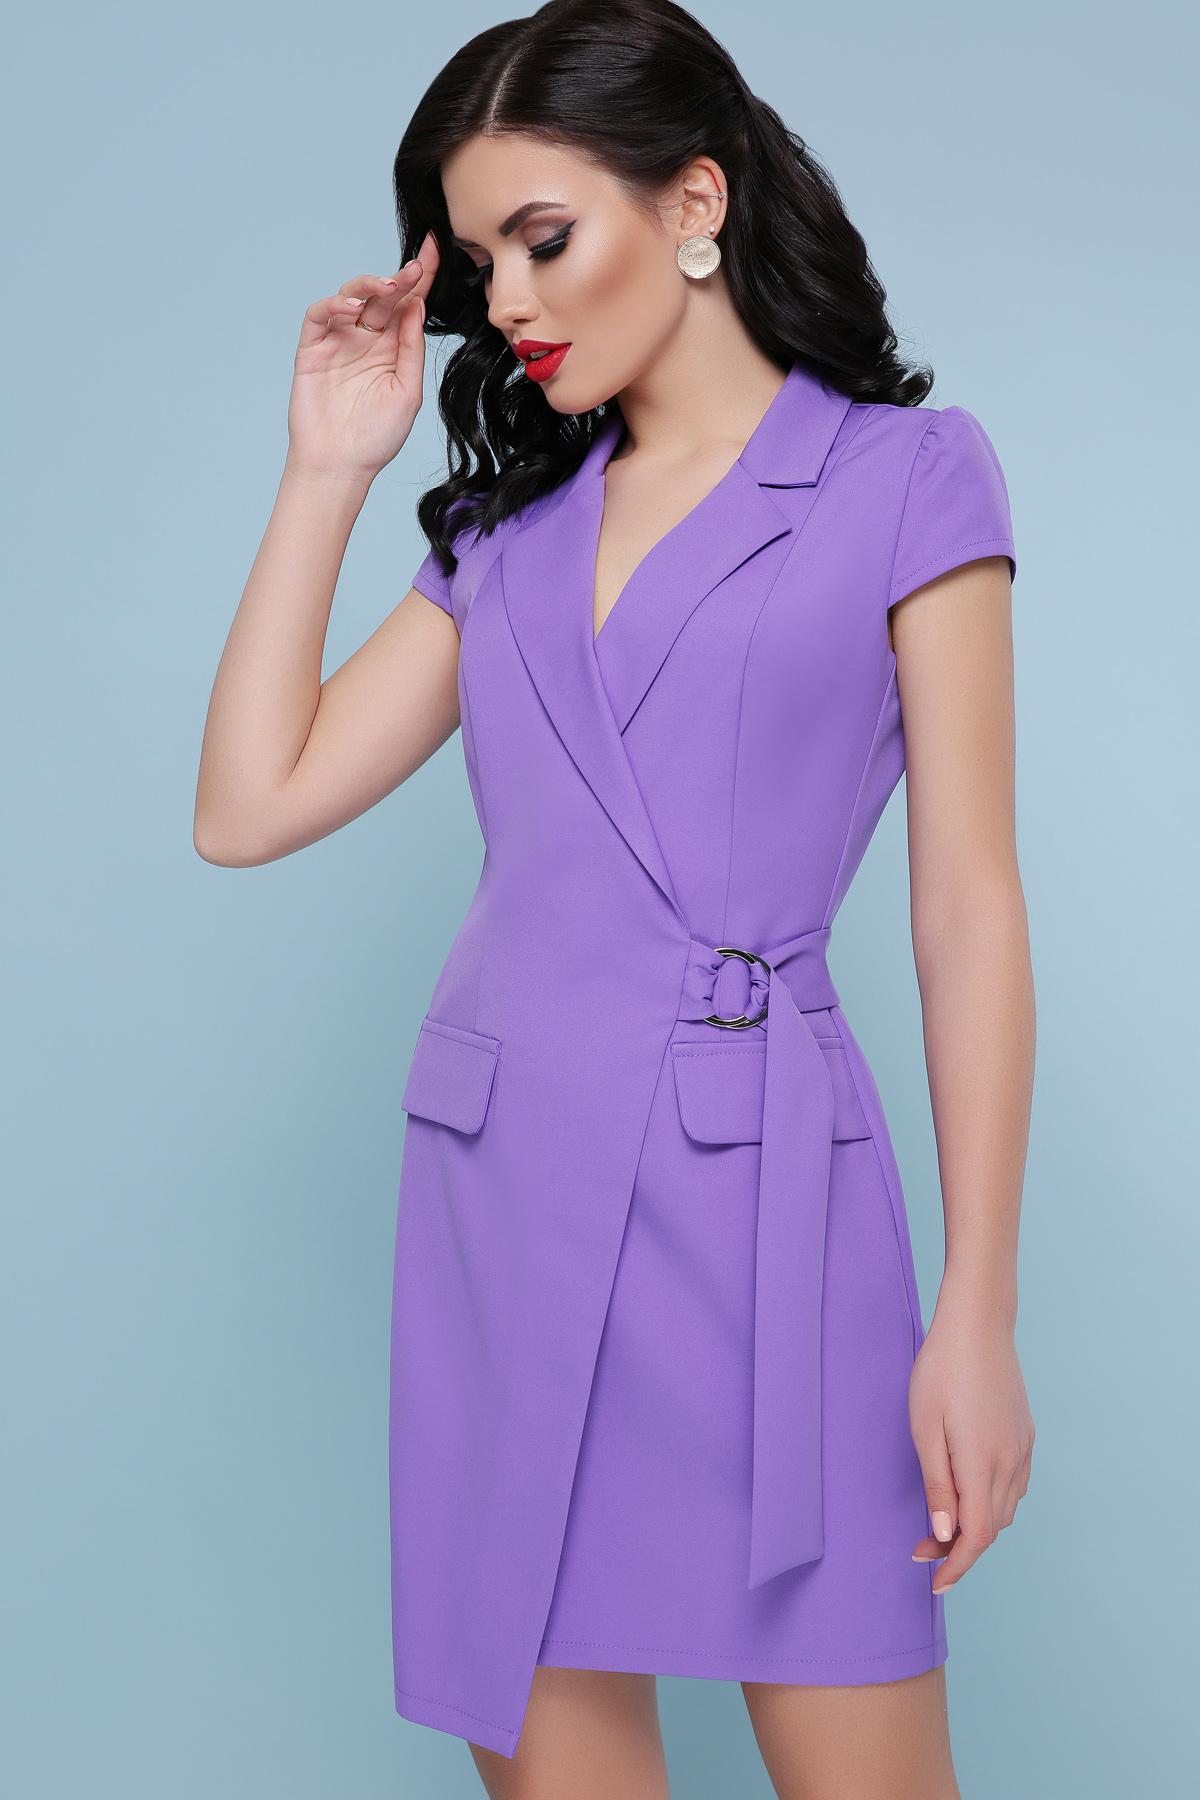 ba2e940fd2a сиреневое платье с коротким рукавом. платье Полина к р. Цвет  сирень